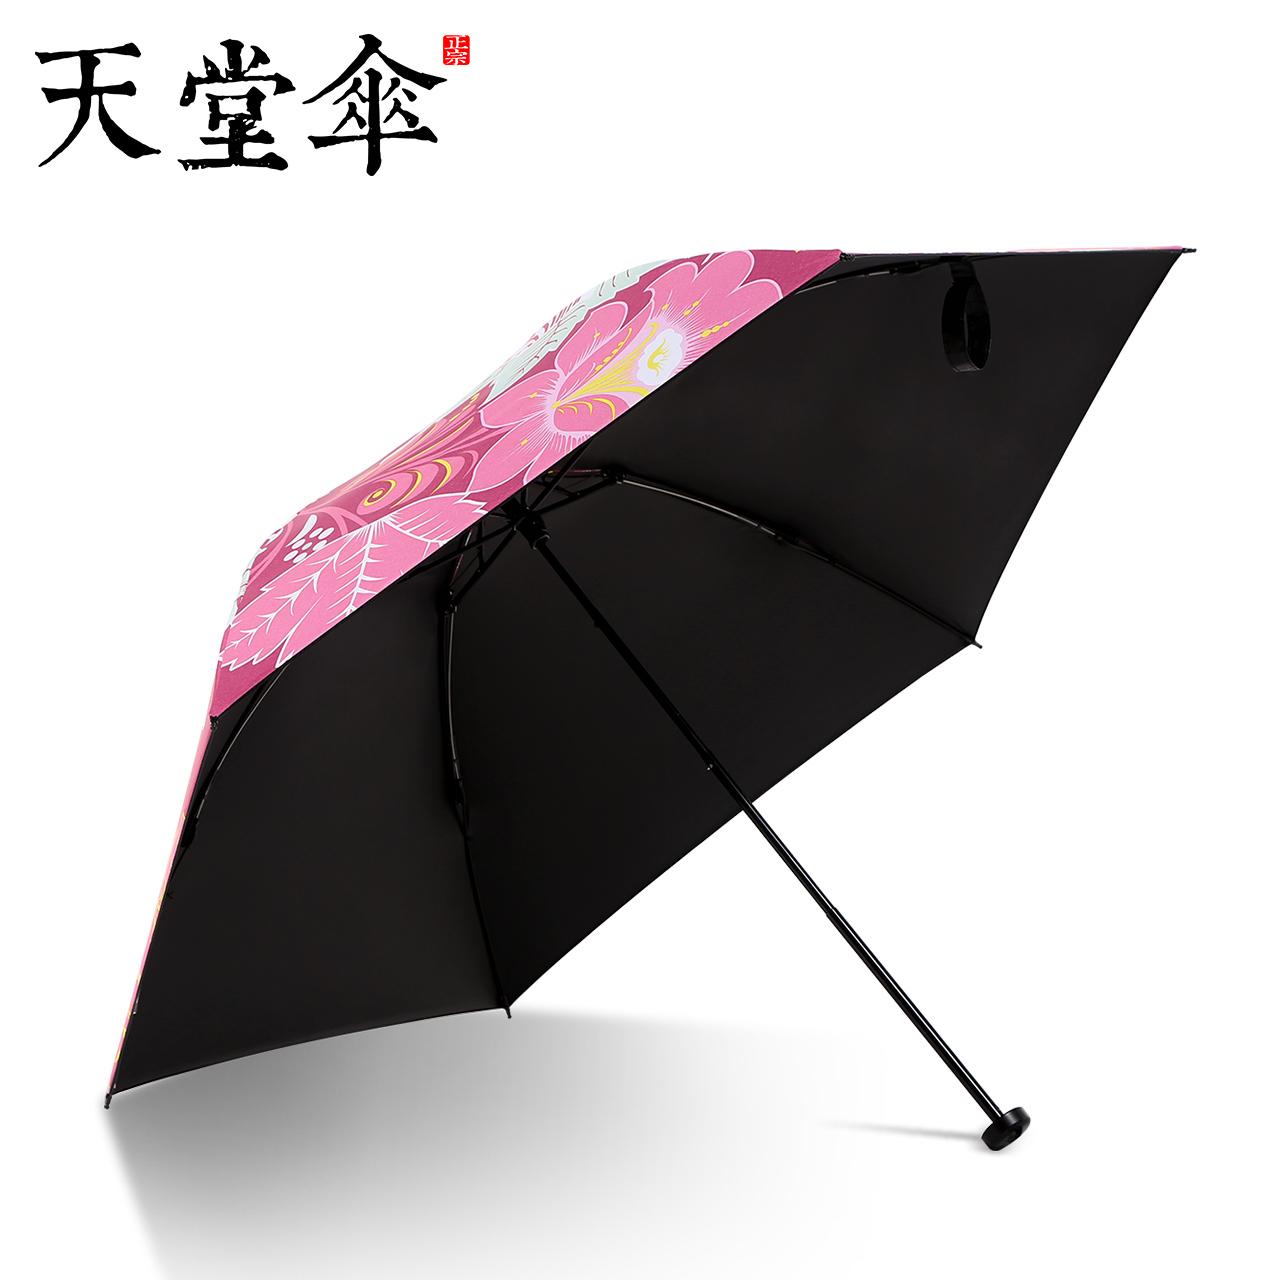 天堂伞小清新遮阳伞33482E